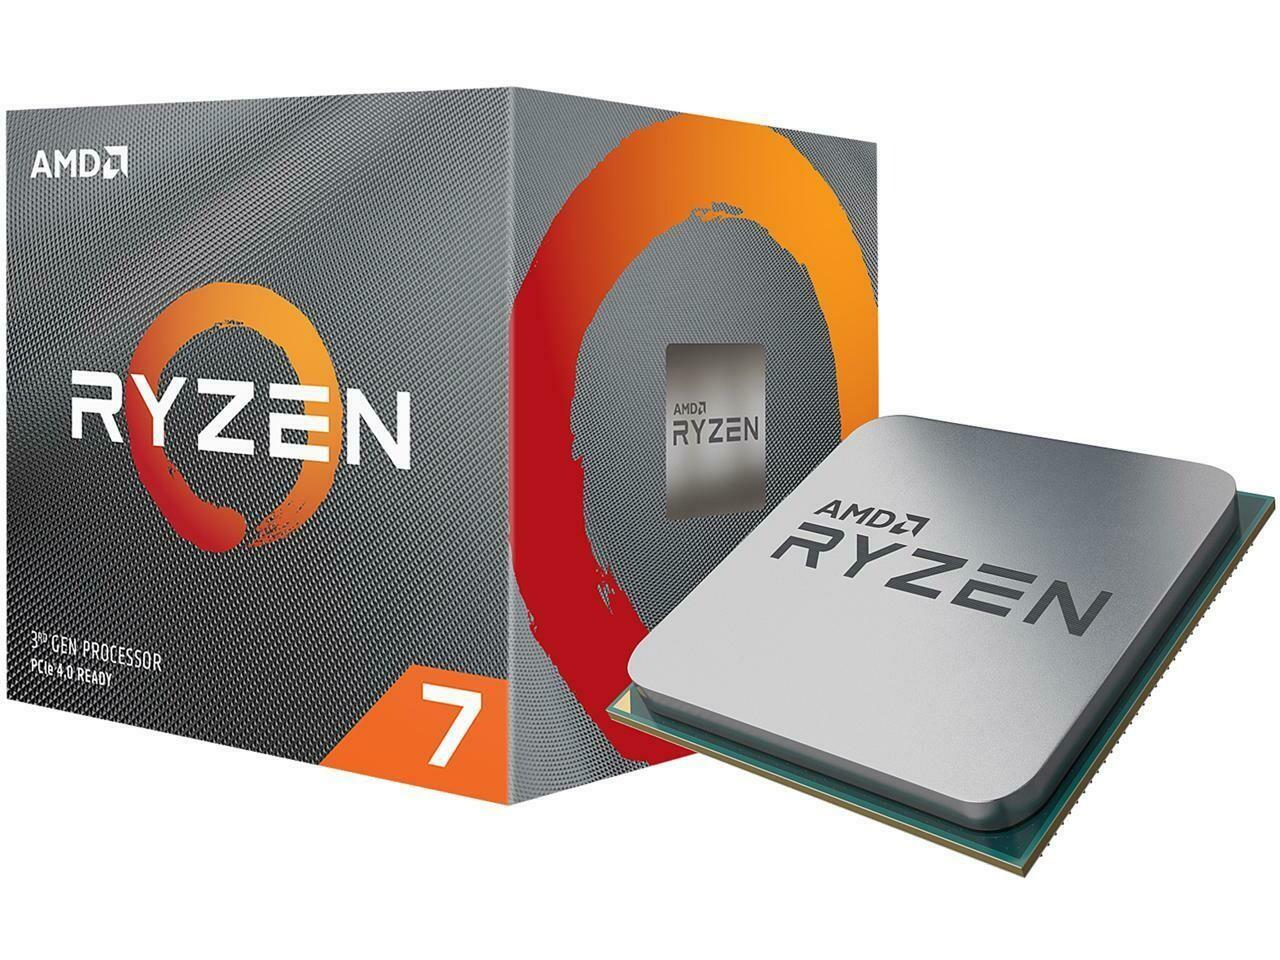 AMD RYZEN 7 3700X 8-Core 3.6 GHz (4.4 GHz Max Boost) Socket AM4 65W Desktop Processor